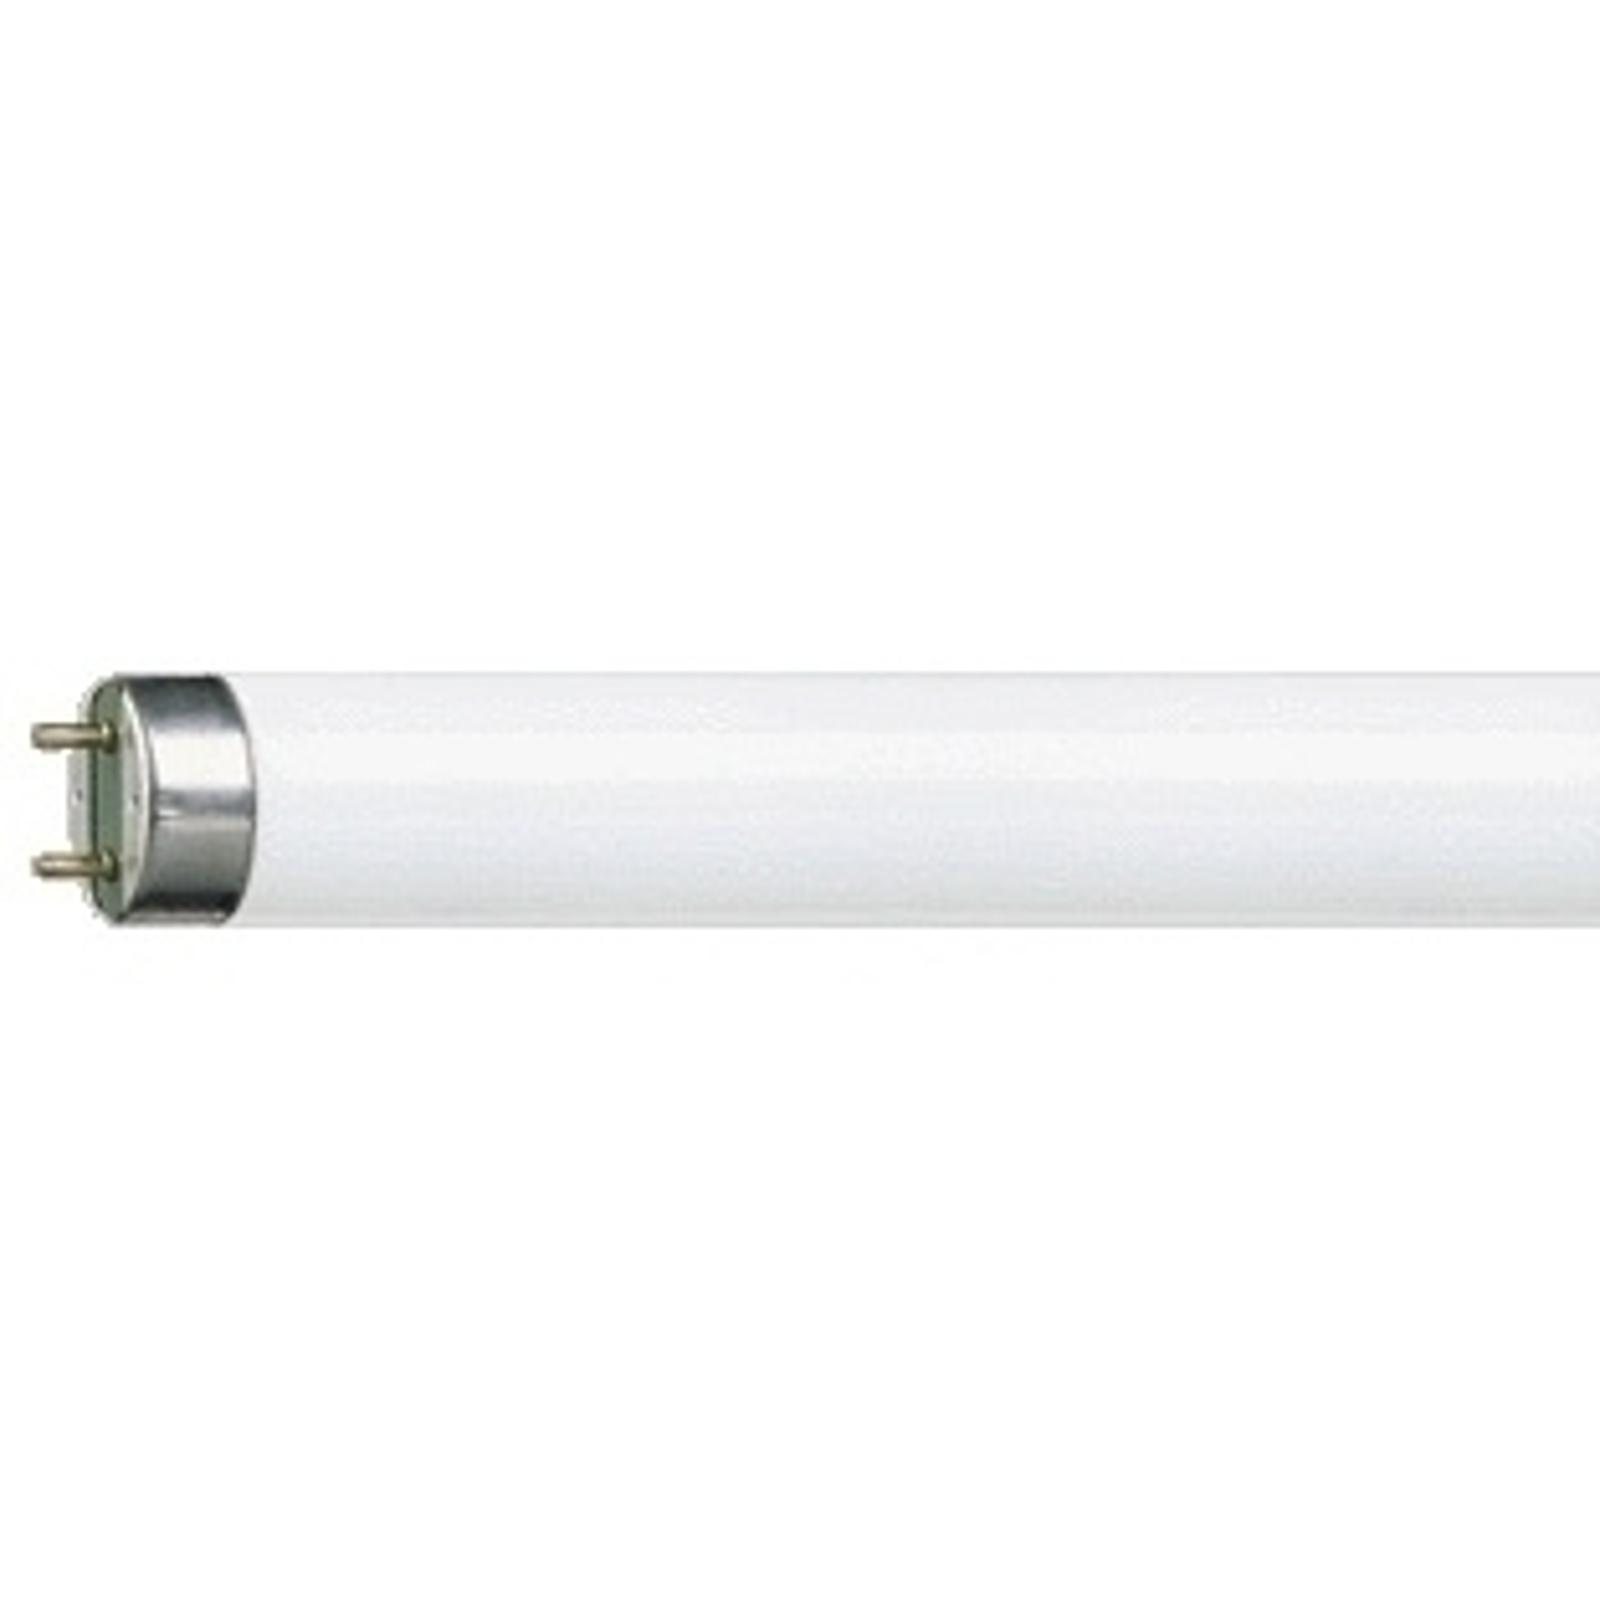 Leuchtstoffröhre G13 T8 36W MASTER TL-D Super 1m